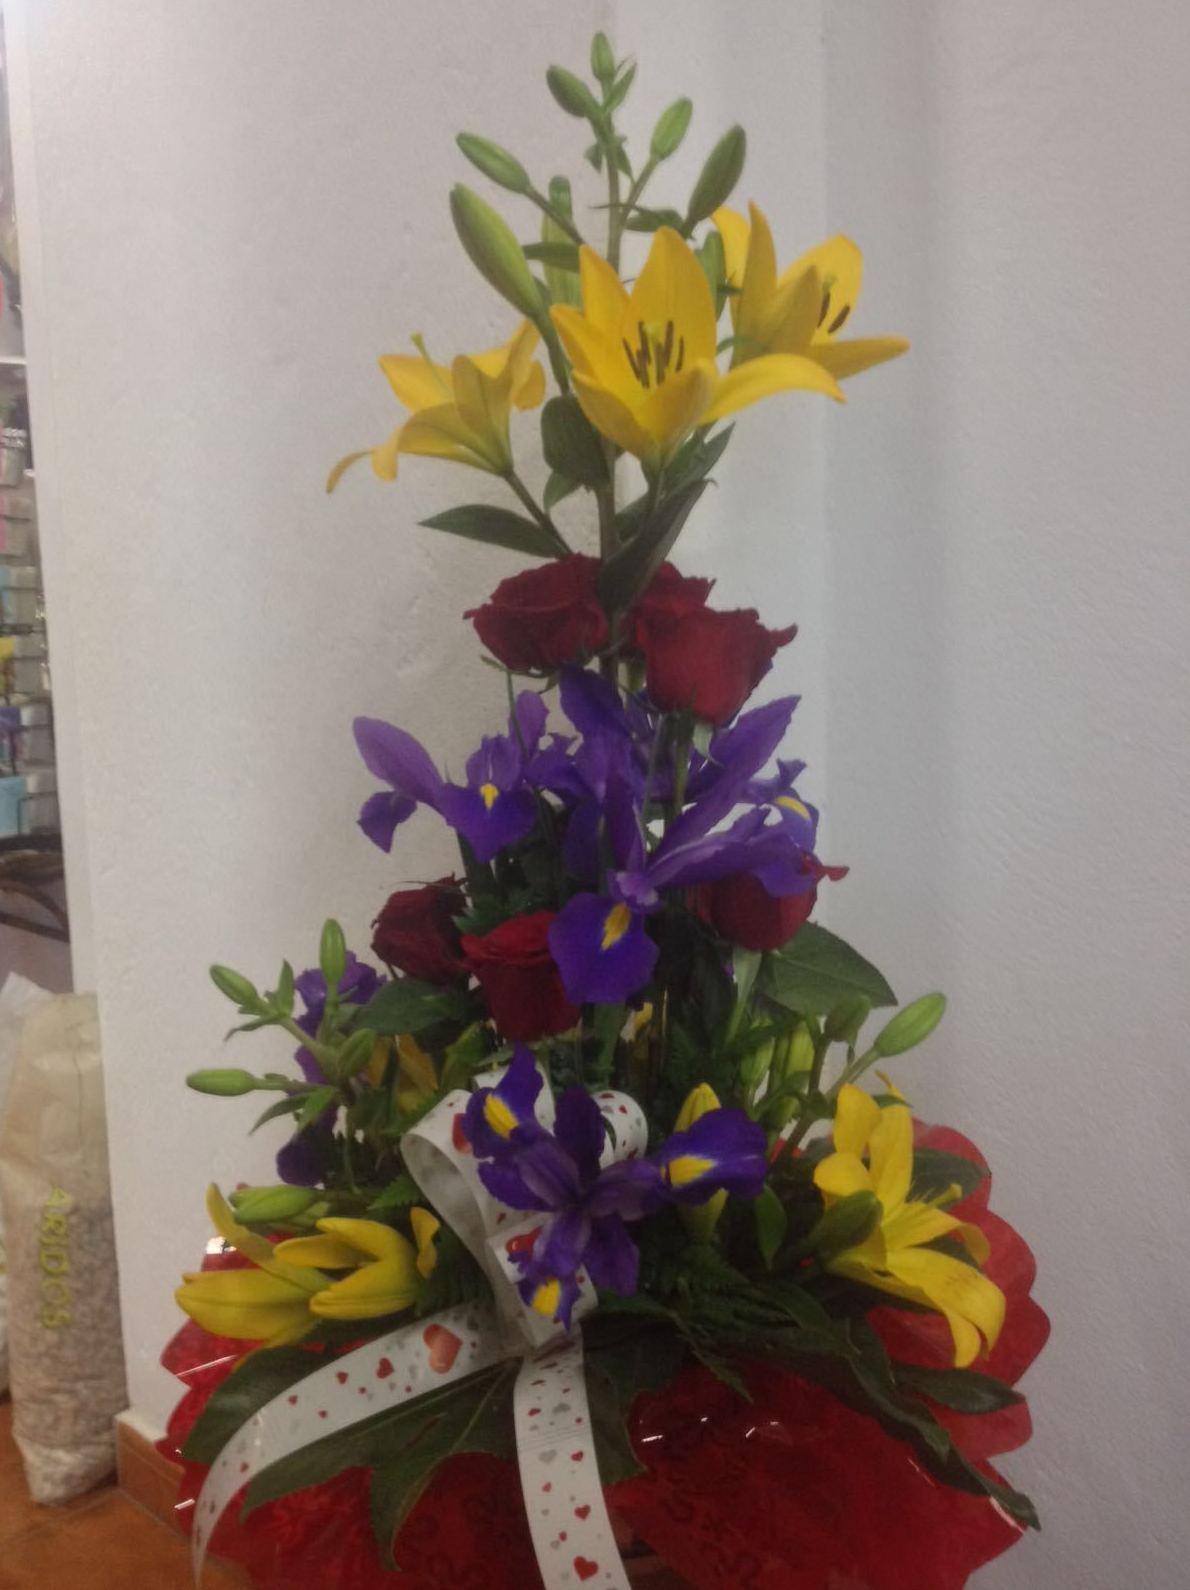 Arreglos florales para hoteles, escaparates...